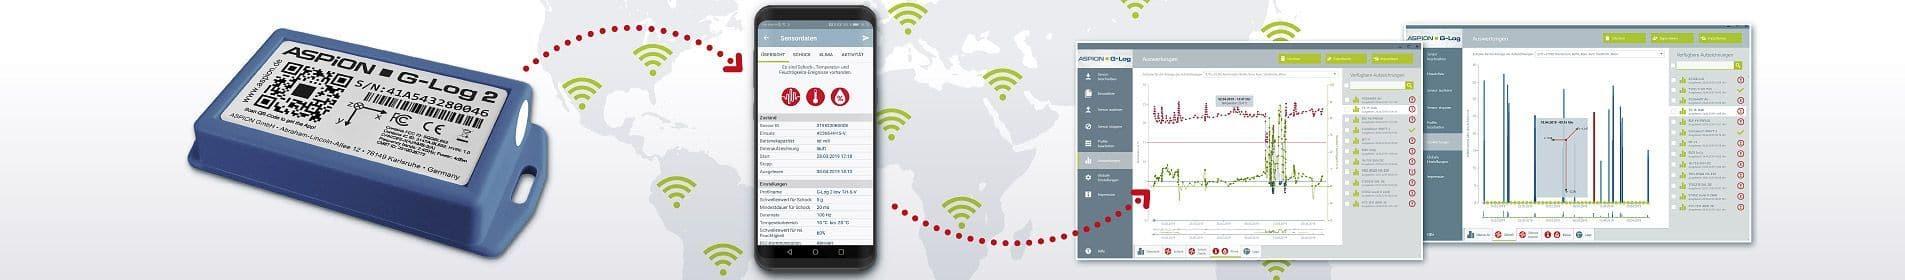 shock sensor ASPION G-Log Software, Apps und Cloud